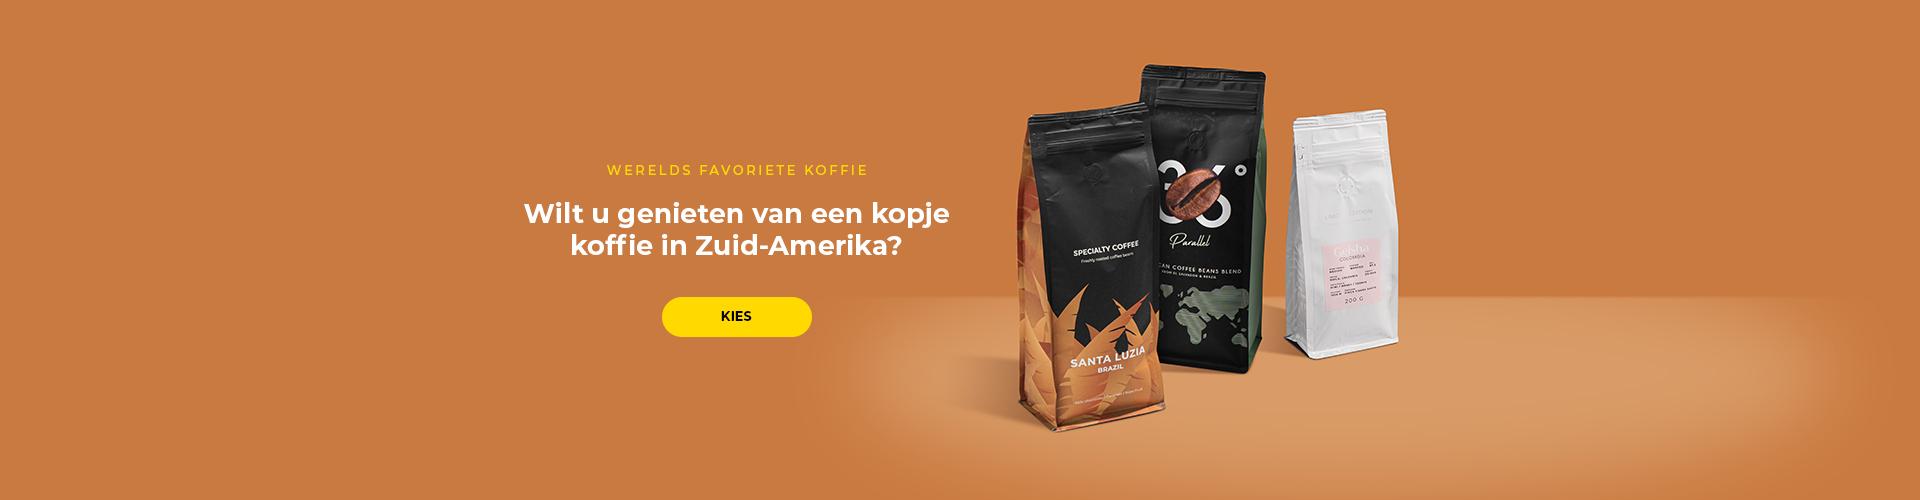 Zuid-Amerikaanse koffie